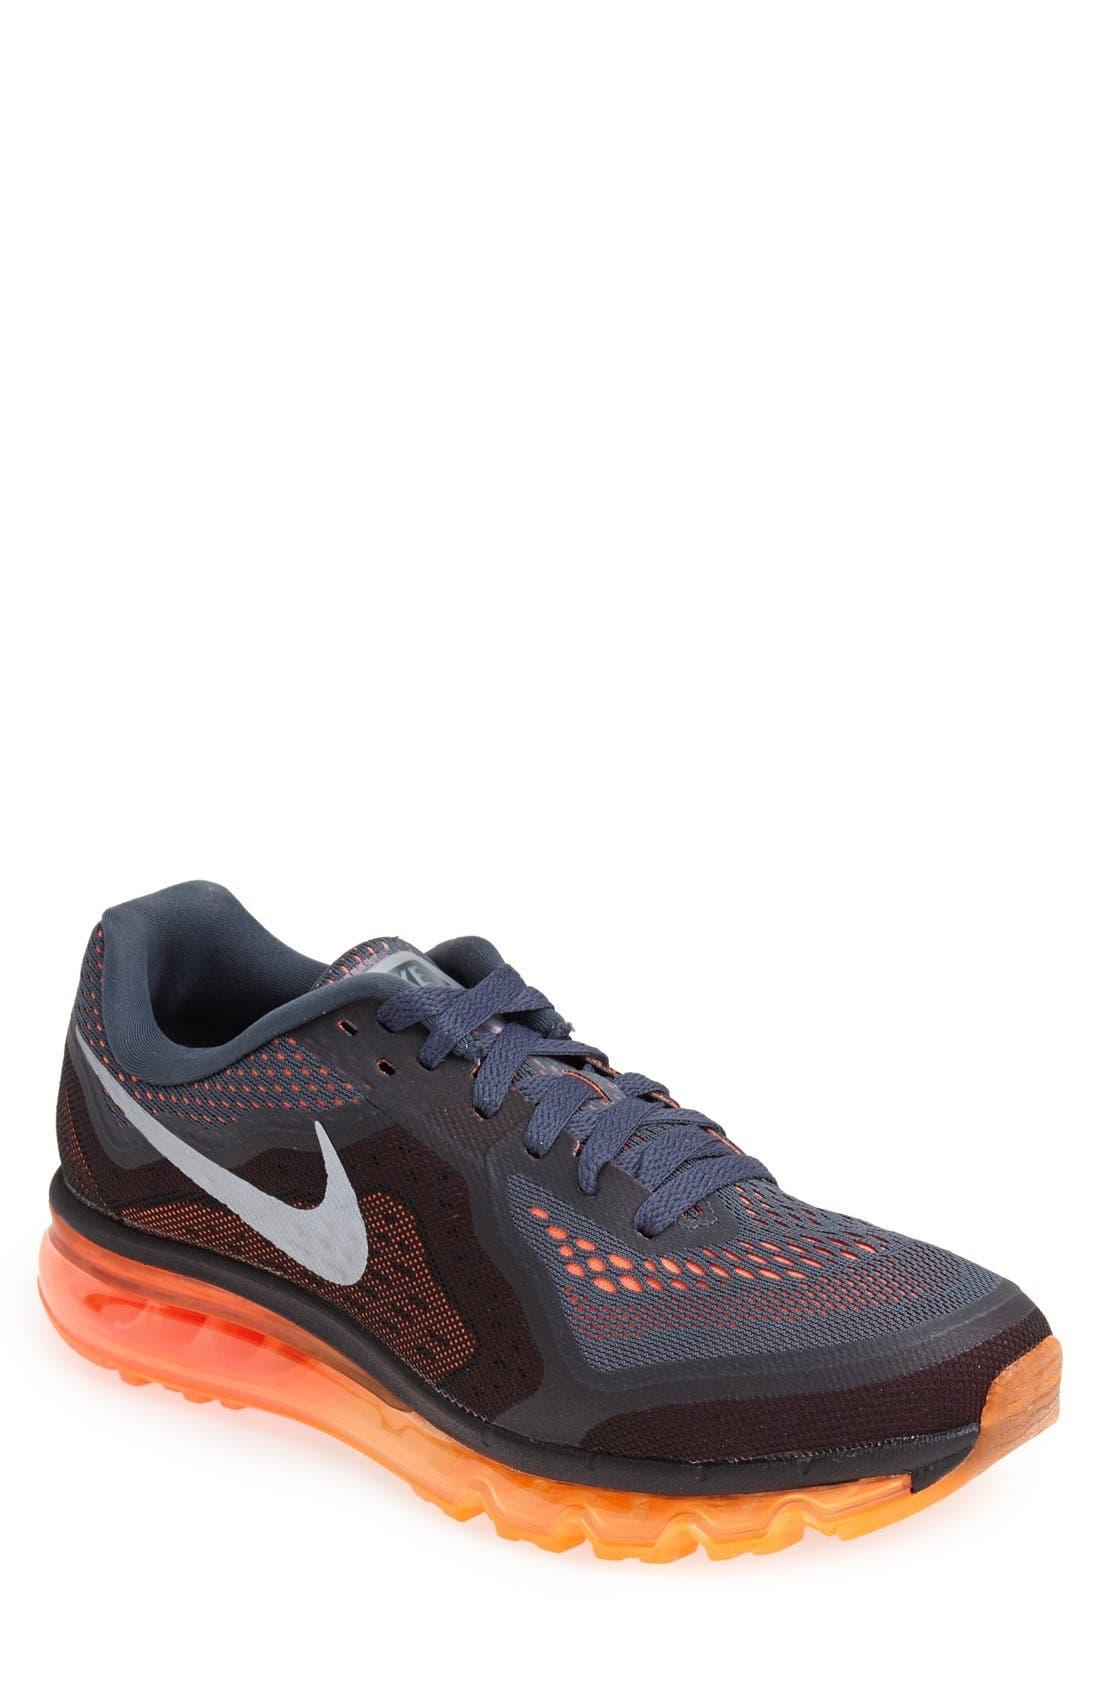 Alternate Image 1 Selected - Nike 'Air Max 2014' Running Shoe (Men)